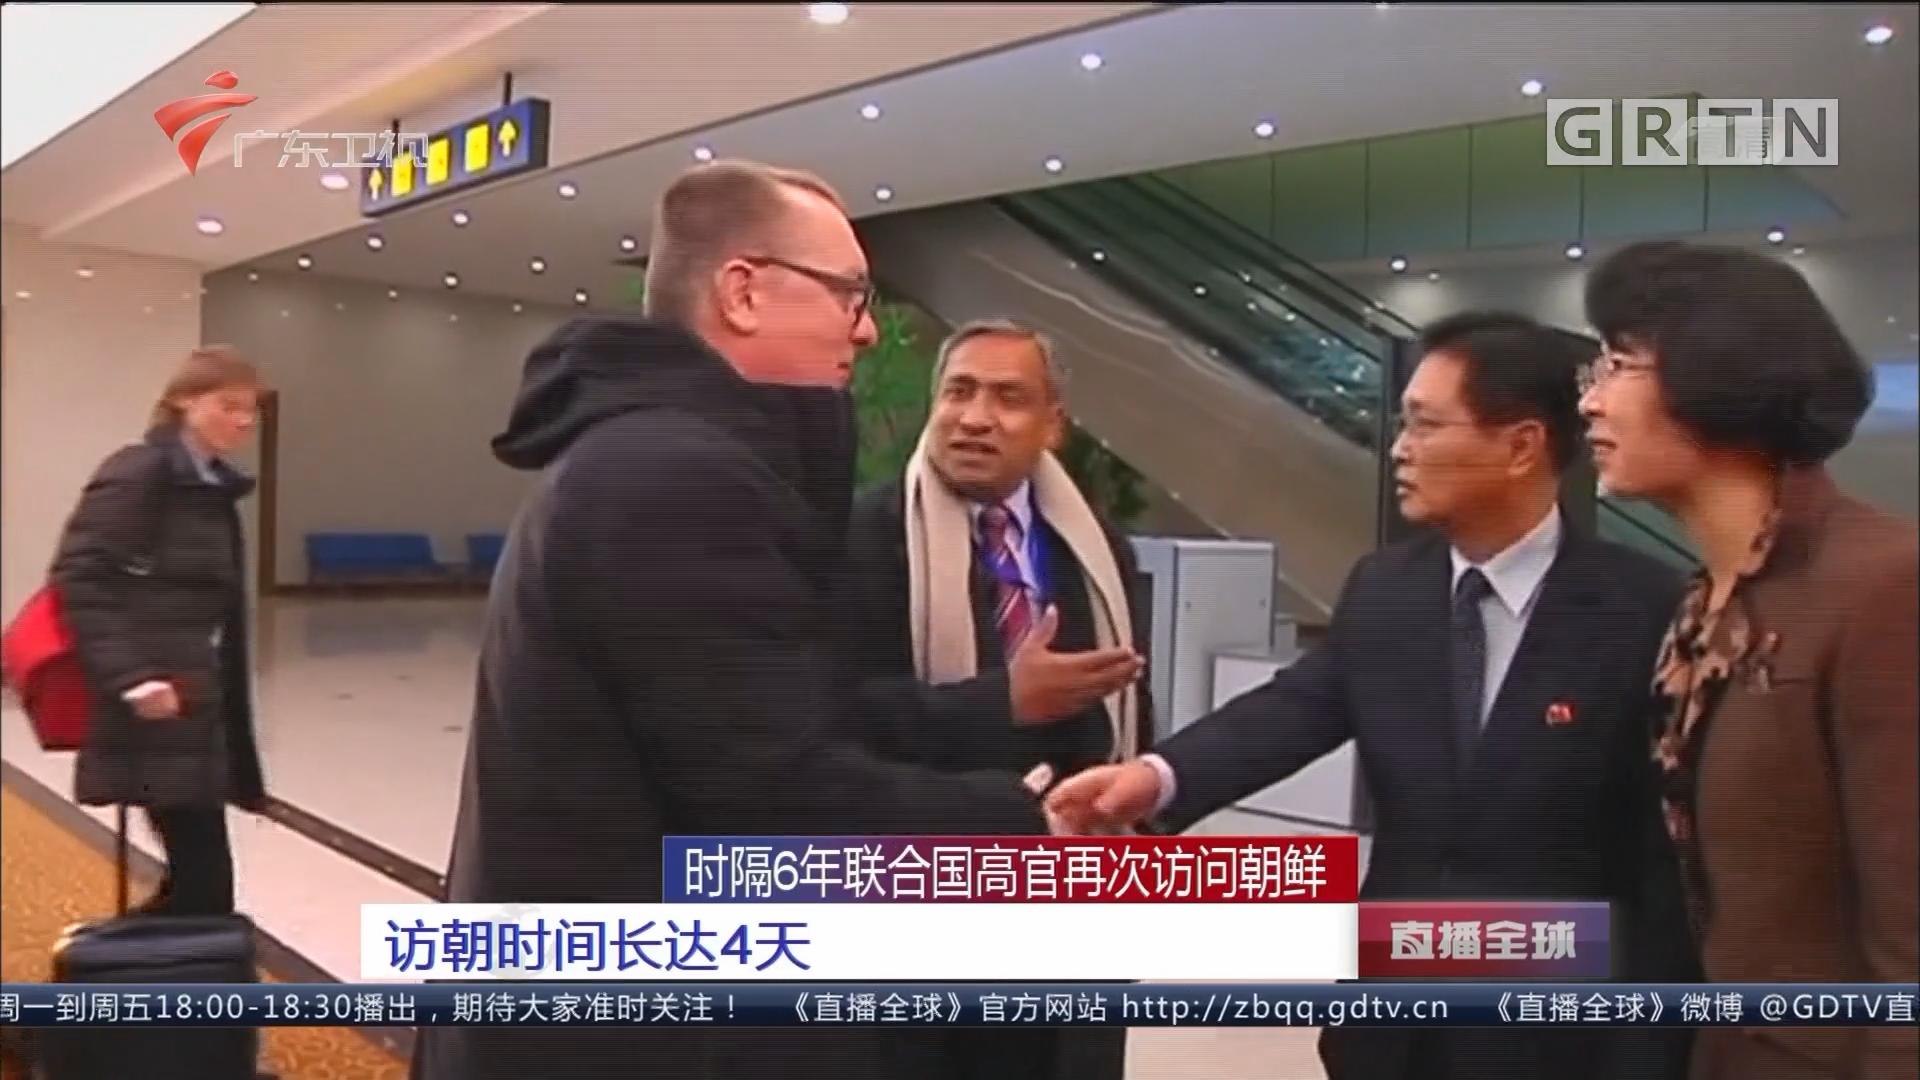 时隔6年联合国高官再次访问朝鲜 访朝时间长达4天